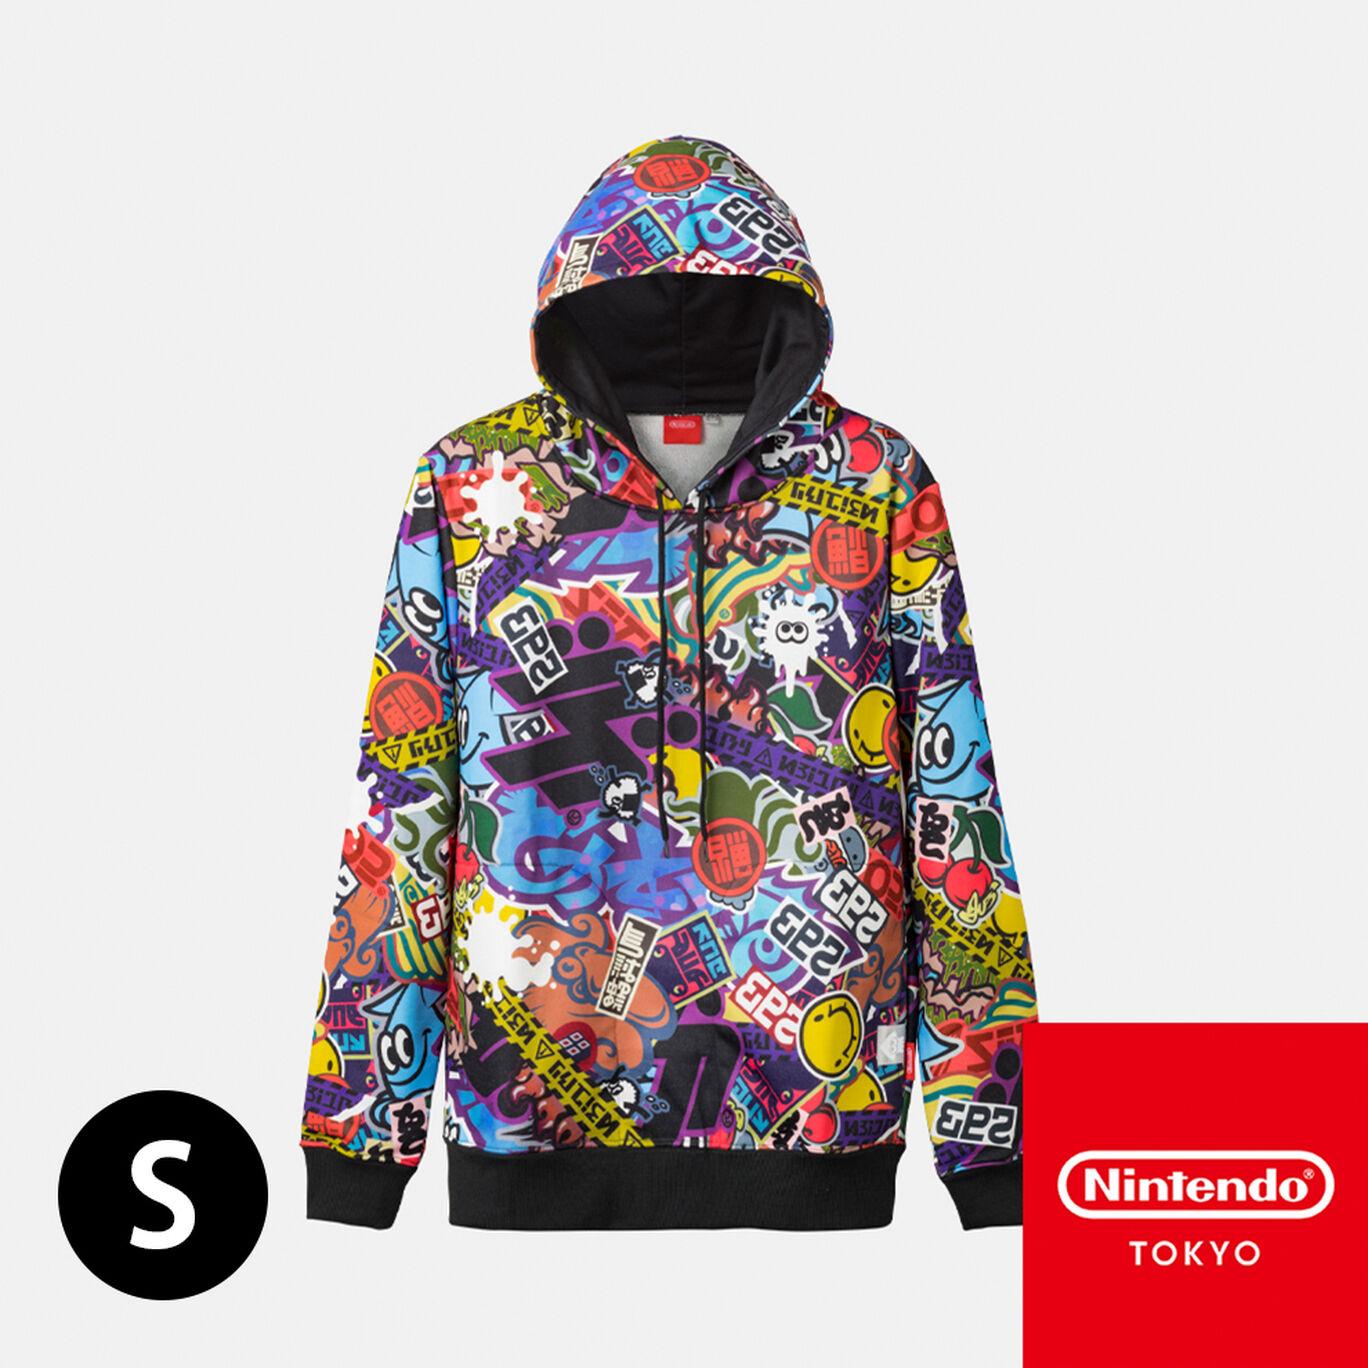 パーカー CROSSING SPLATOON S【Nintendo TOKYO取り扱い商品】